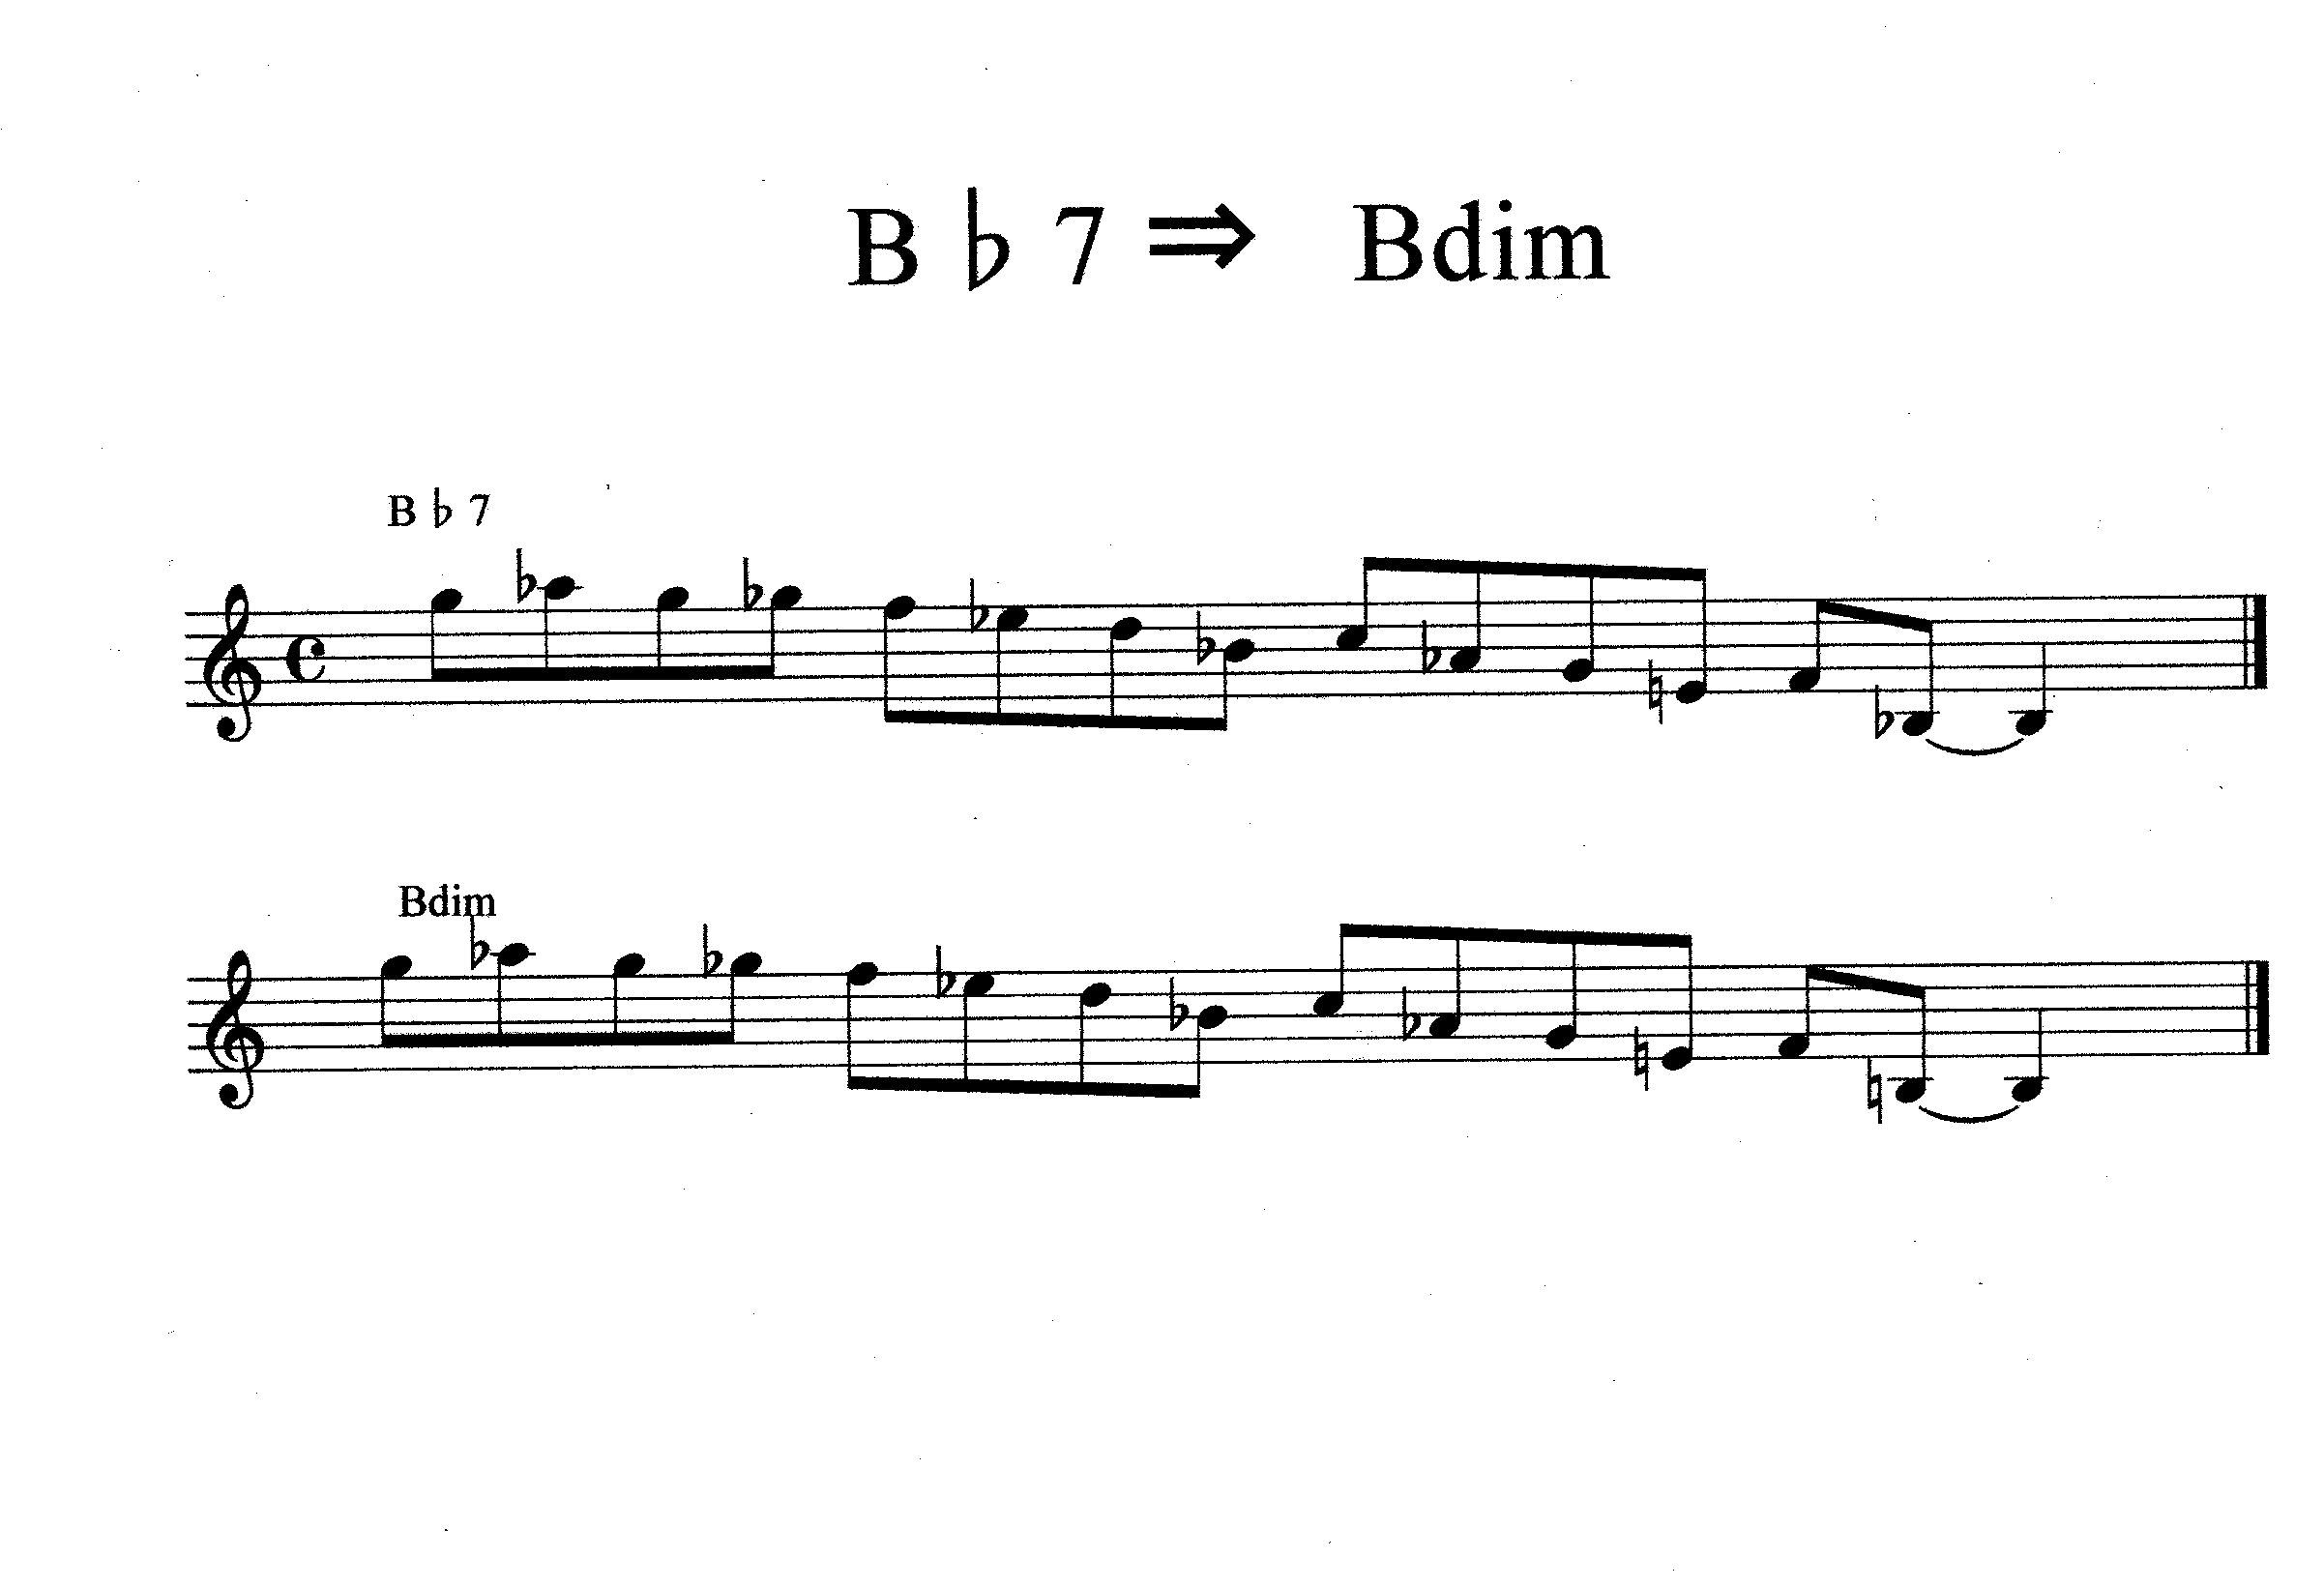 B♭7 ⇒ Bdim